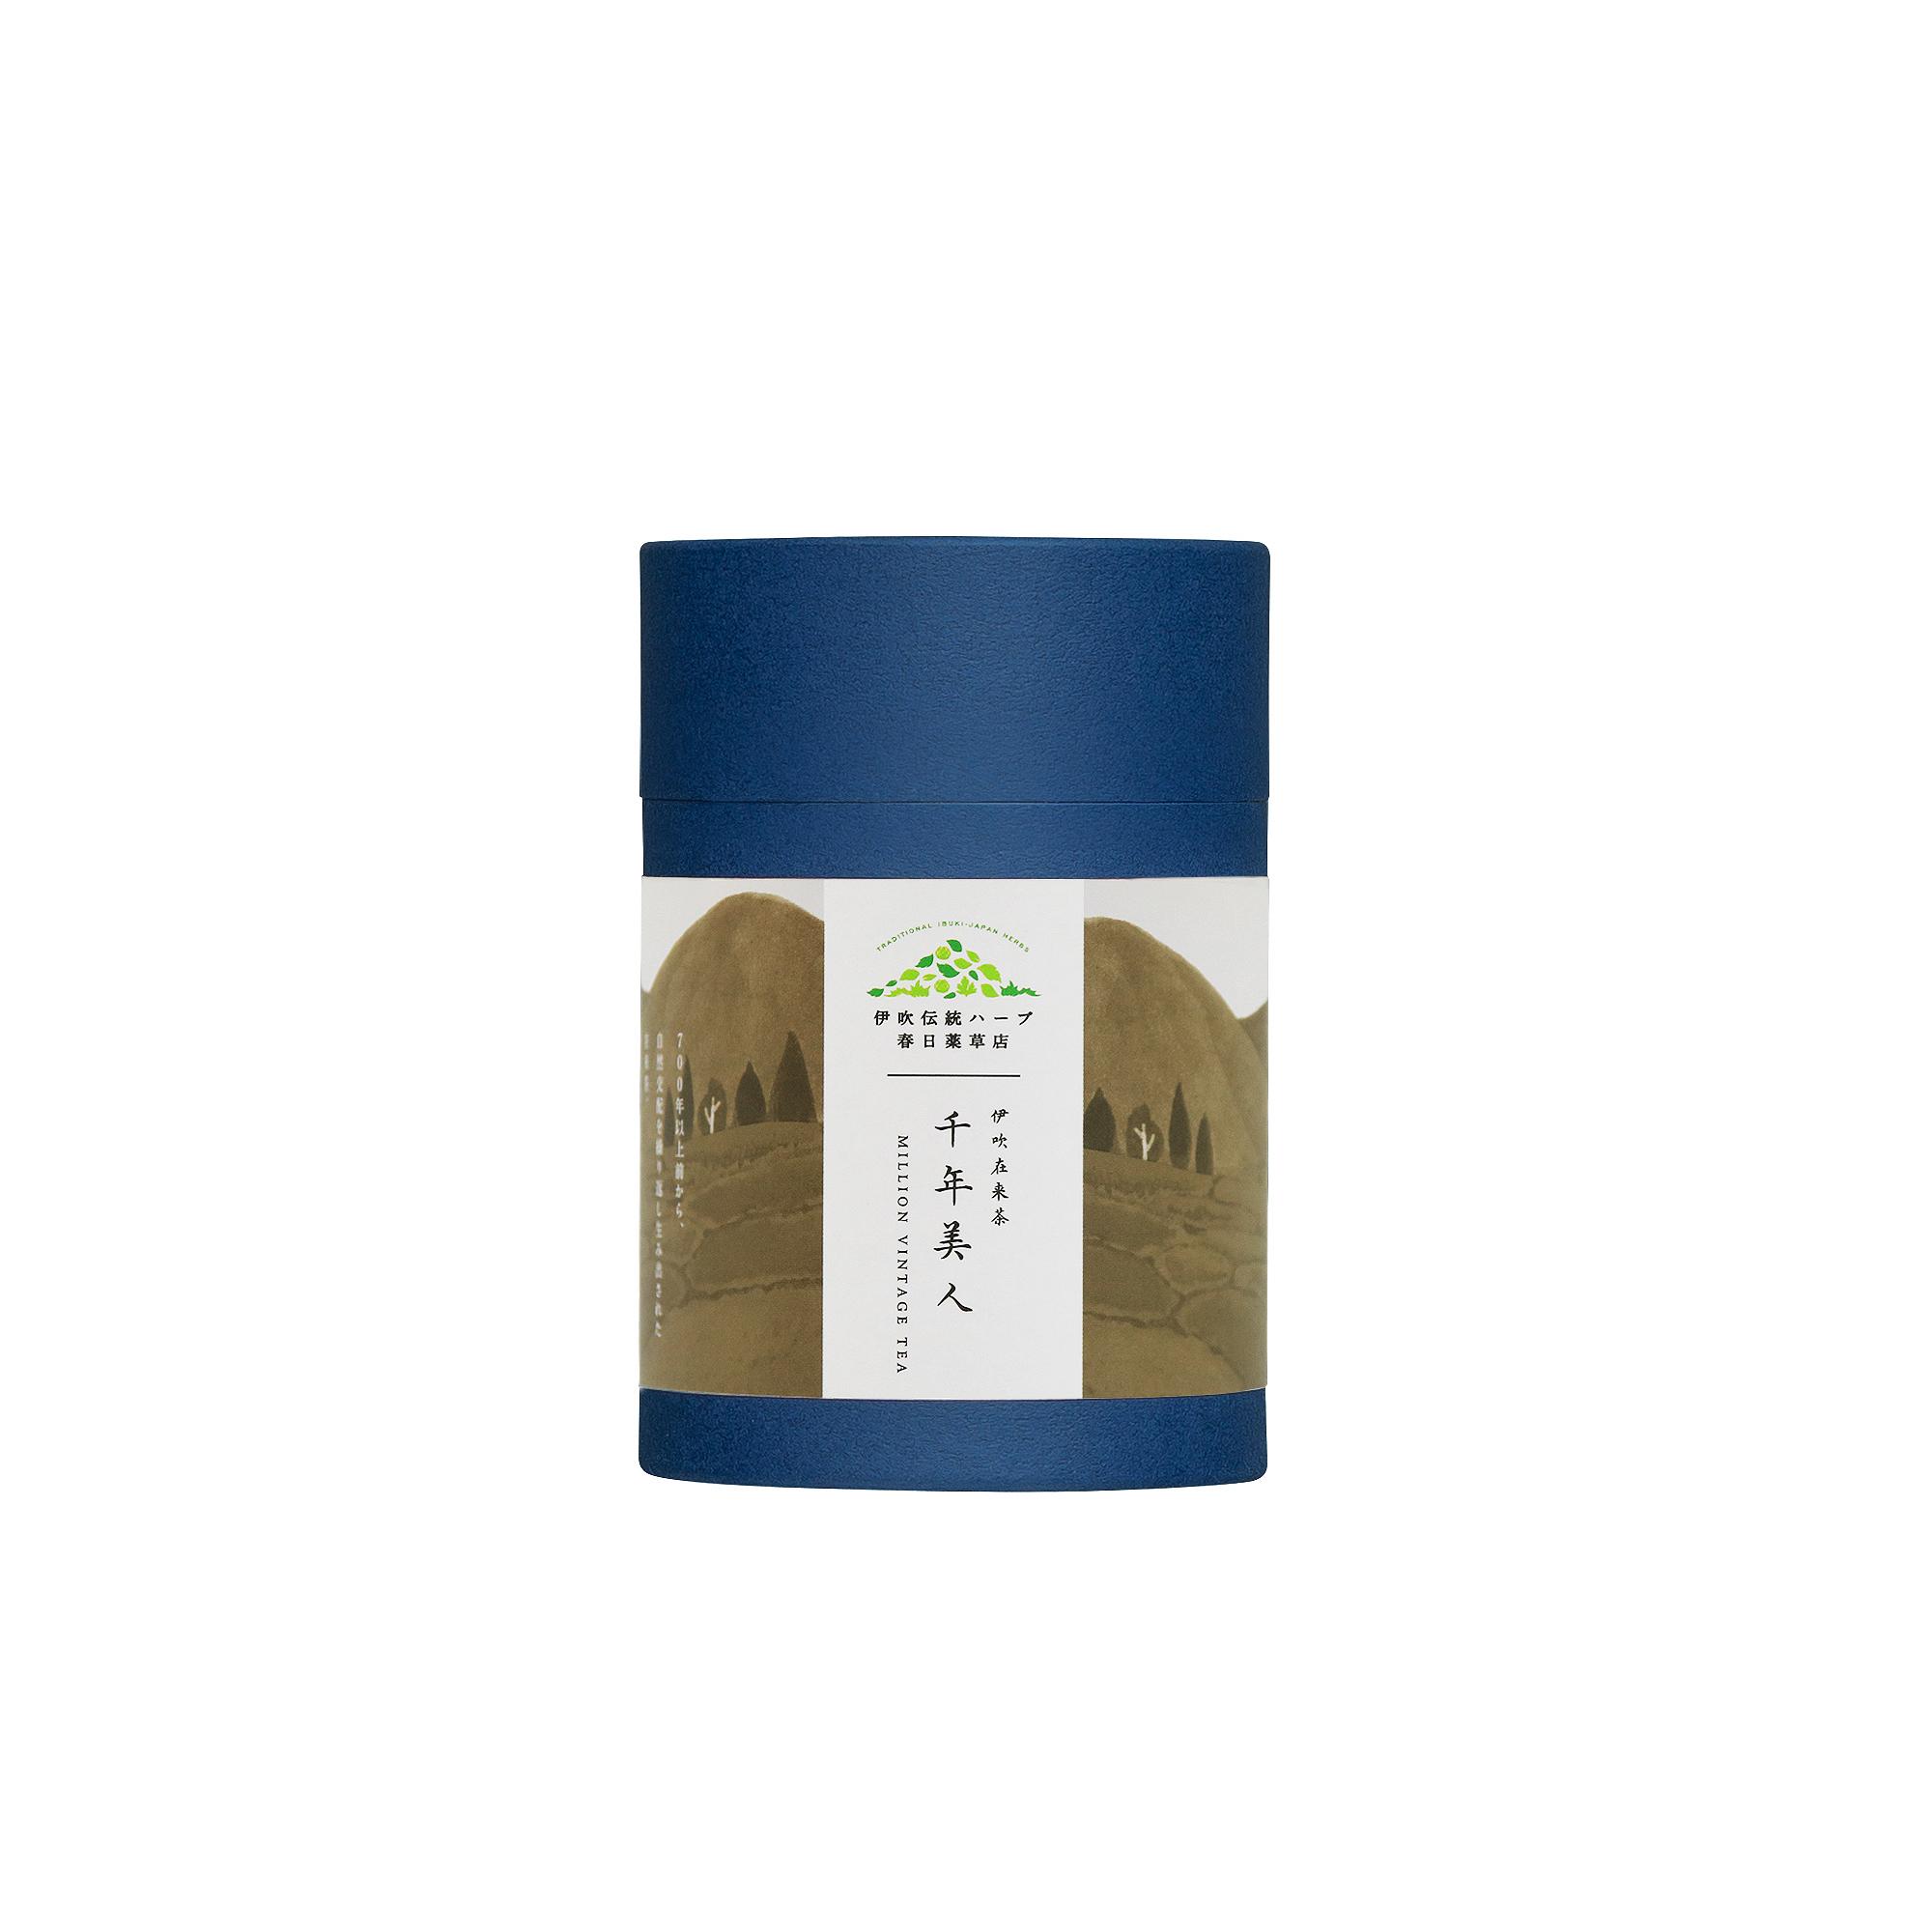 千年美人(vintage tea & collection)